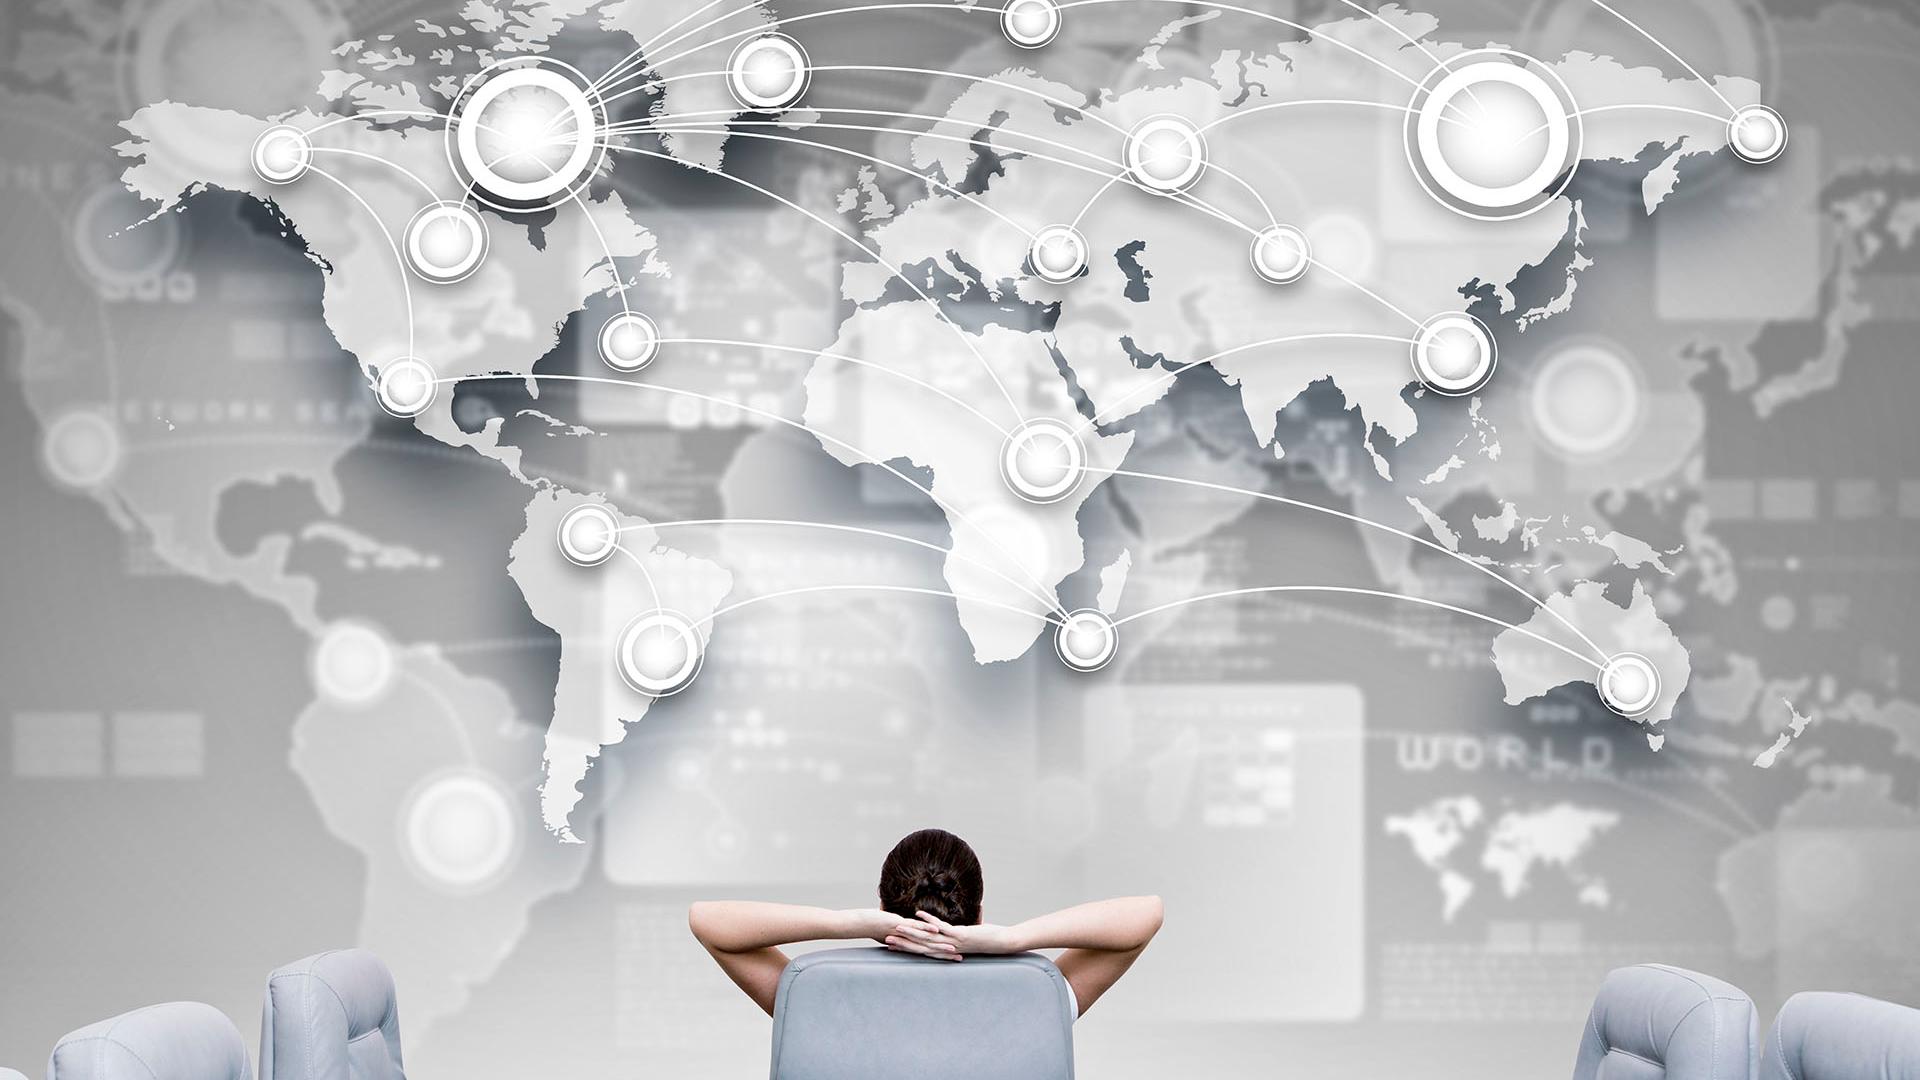 La Mentalidad del Trabajador Digital - Para Triunfar en la Industria 4.0